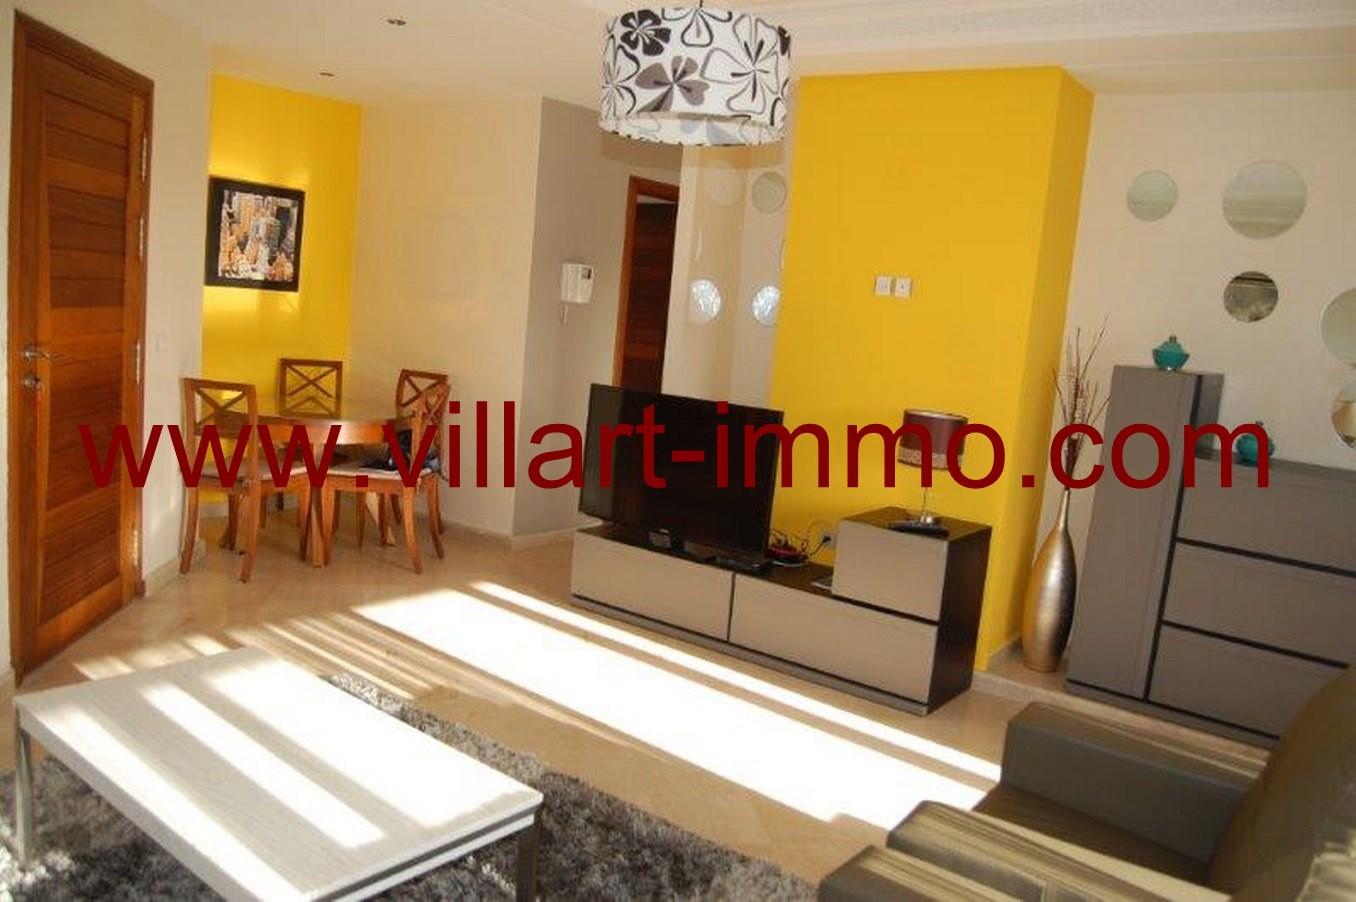 A louer superbe appartement moderne et bien meubl tanger villart - Appartement meuble a louer a tanger ...